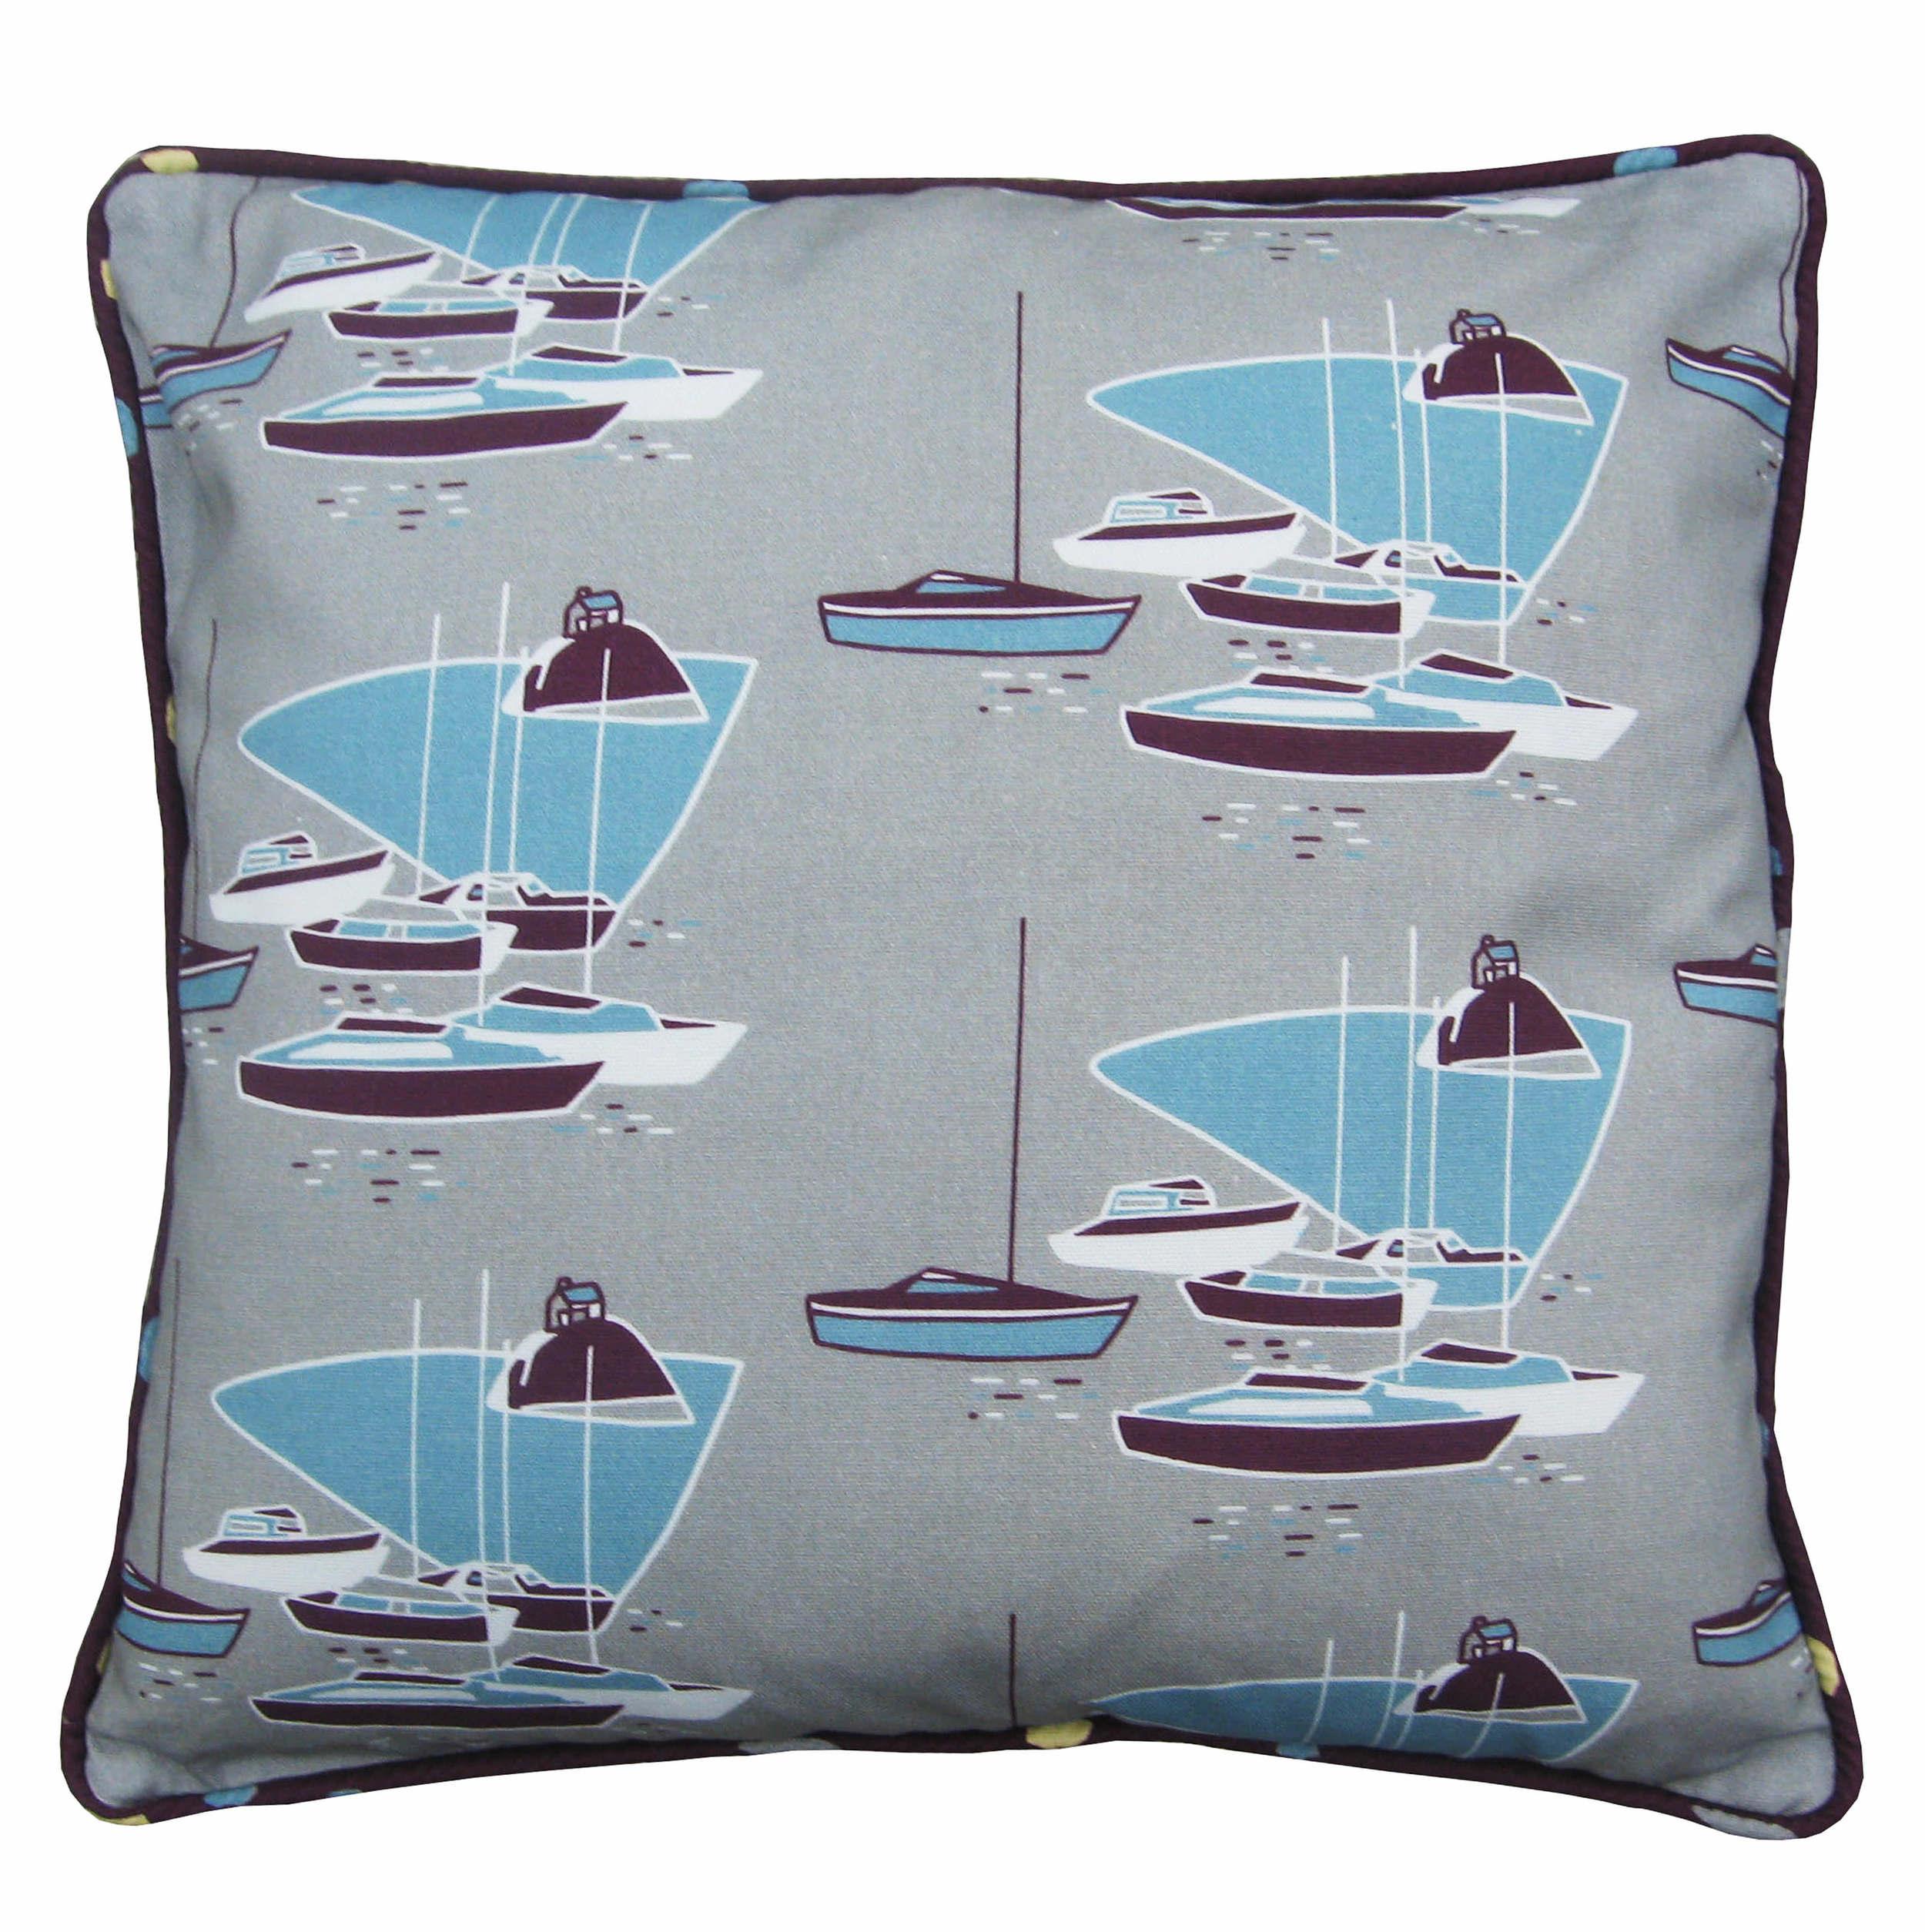 cushion in purple boats fabric.jpg